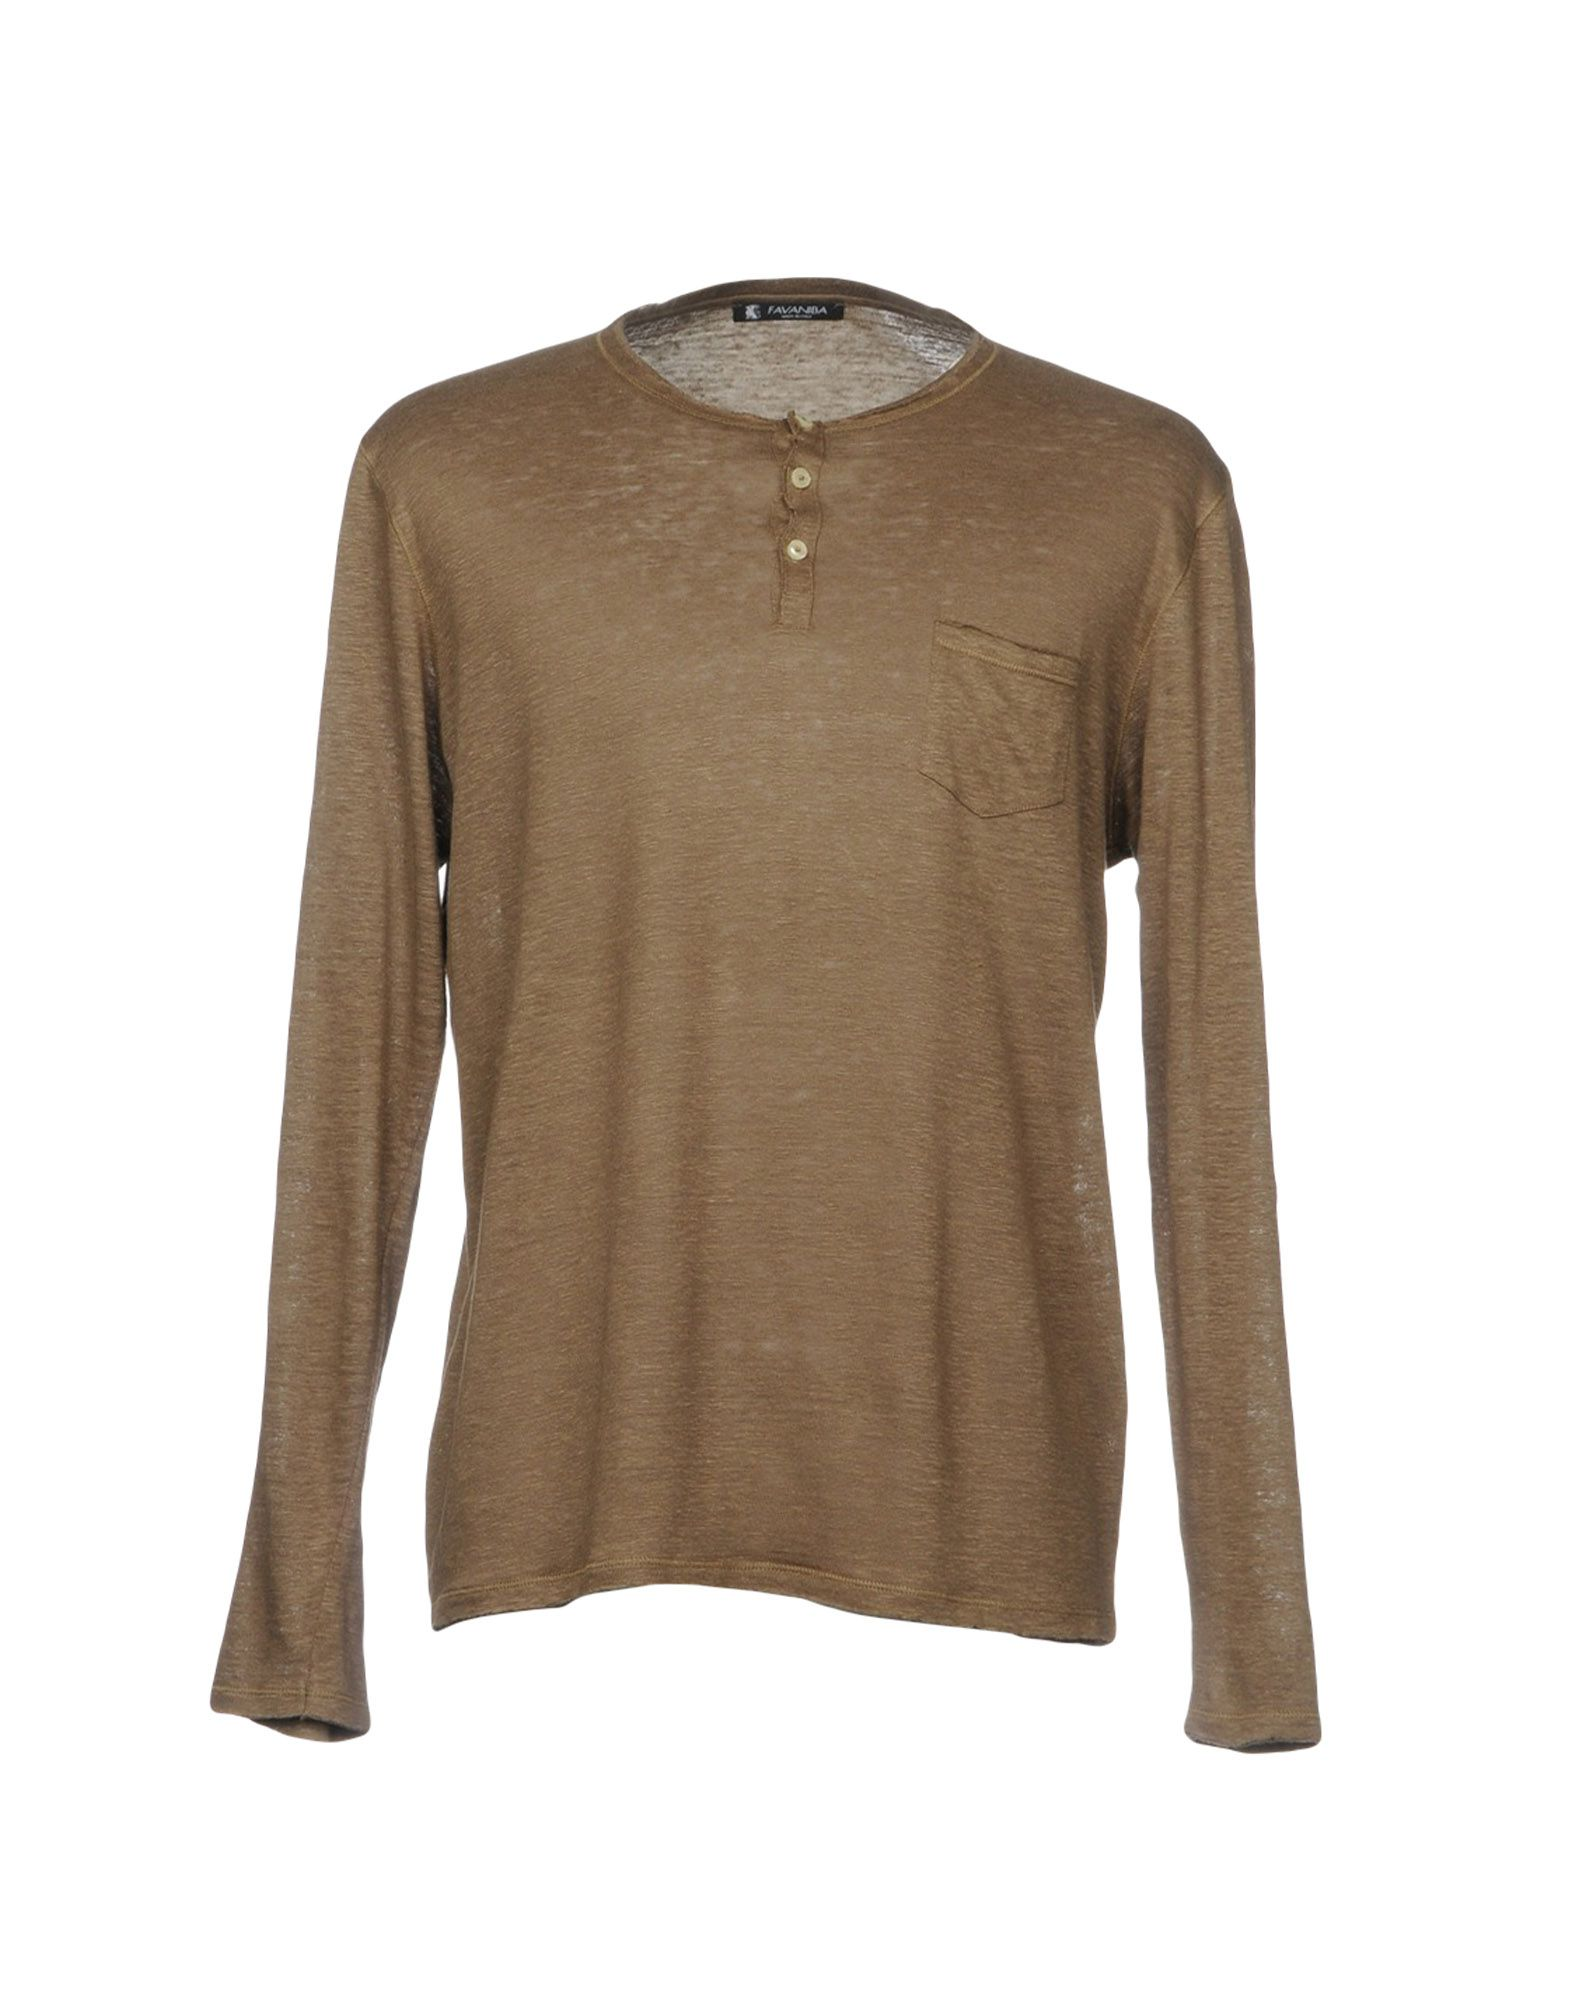 FAVANIBA Herren T-shirts Farbe Khaki Größe 5 jetztbilligerkaufen